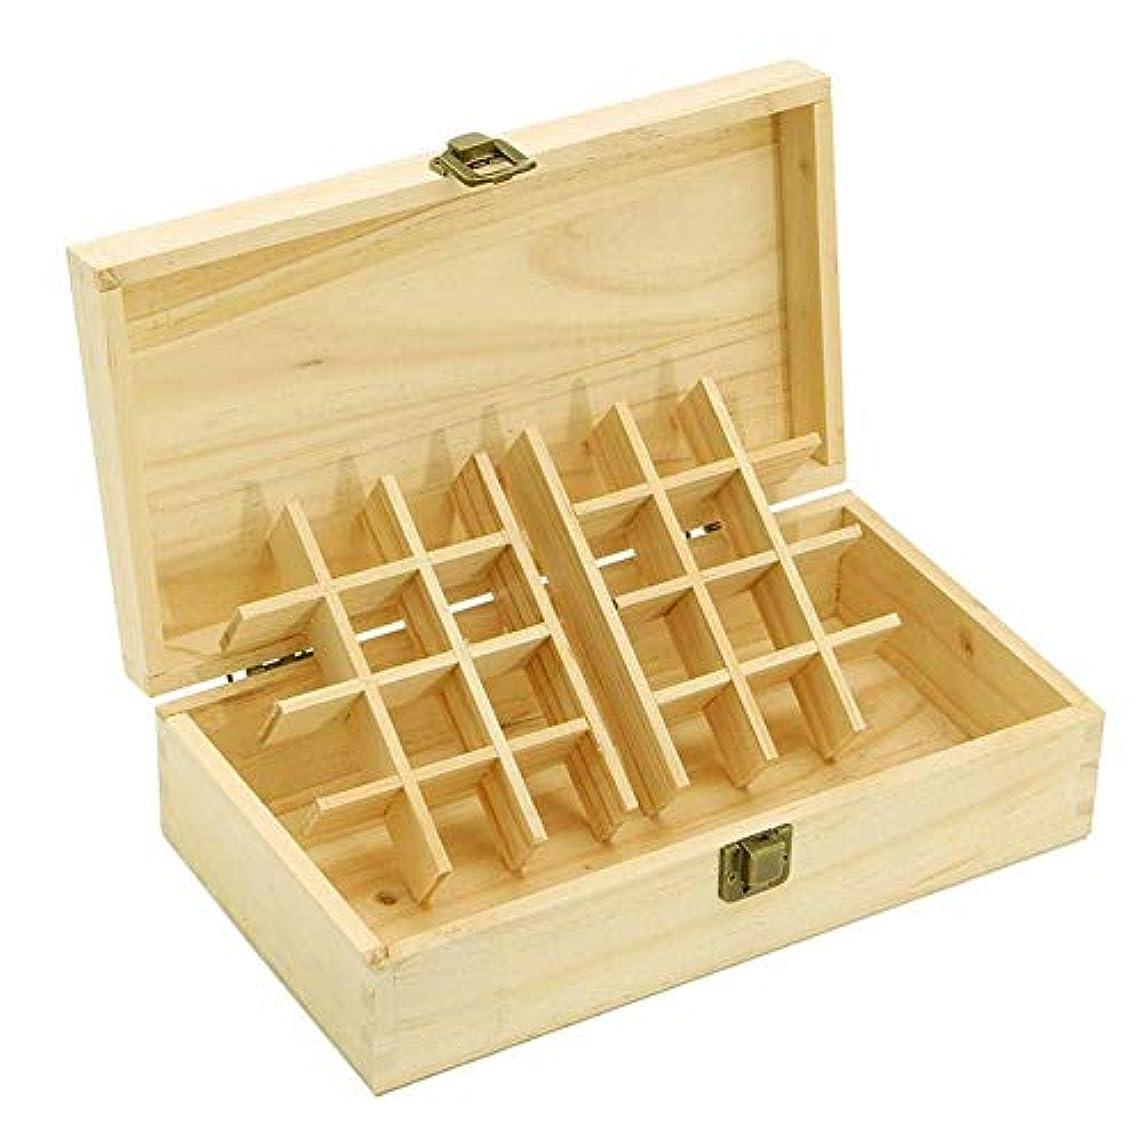 巡礼者かる合金エッセンシャルオイル収納ボックス 純木の精油の収納箱 香水収納ケース アロマオイル収納ボックス